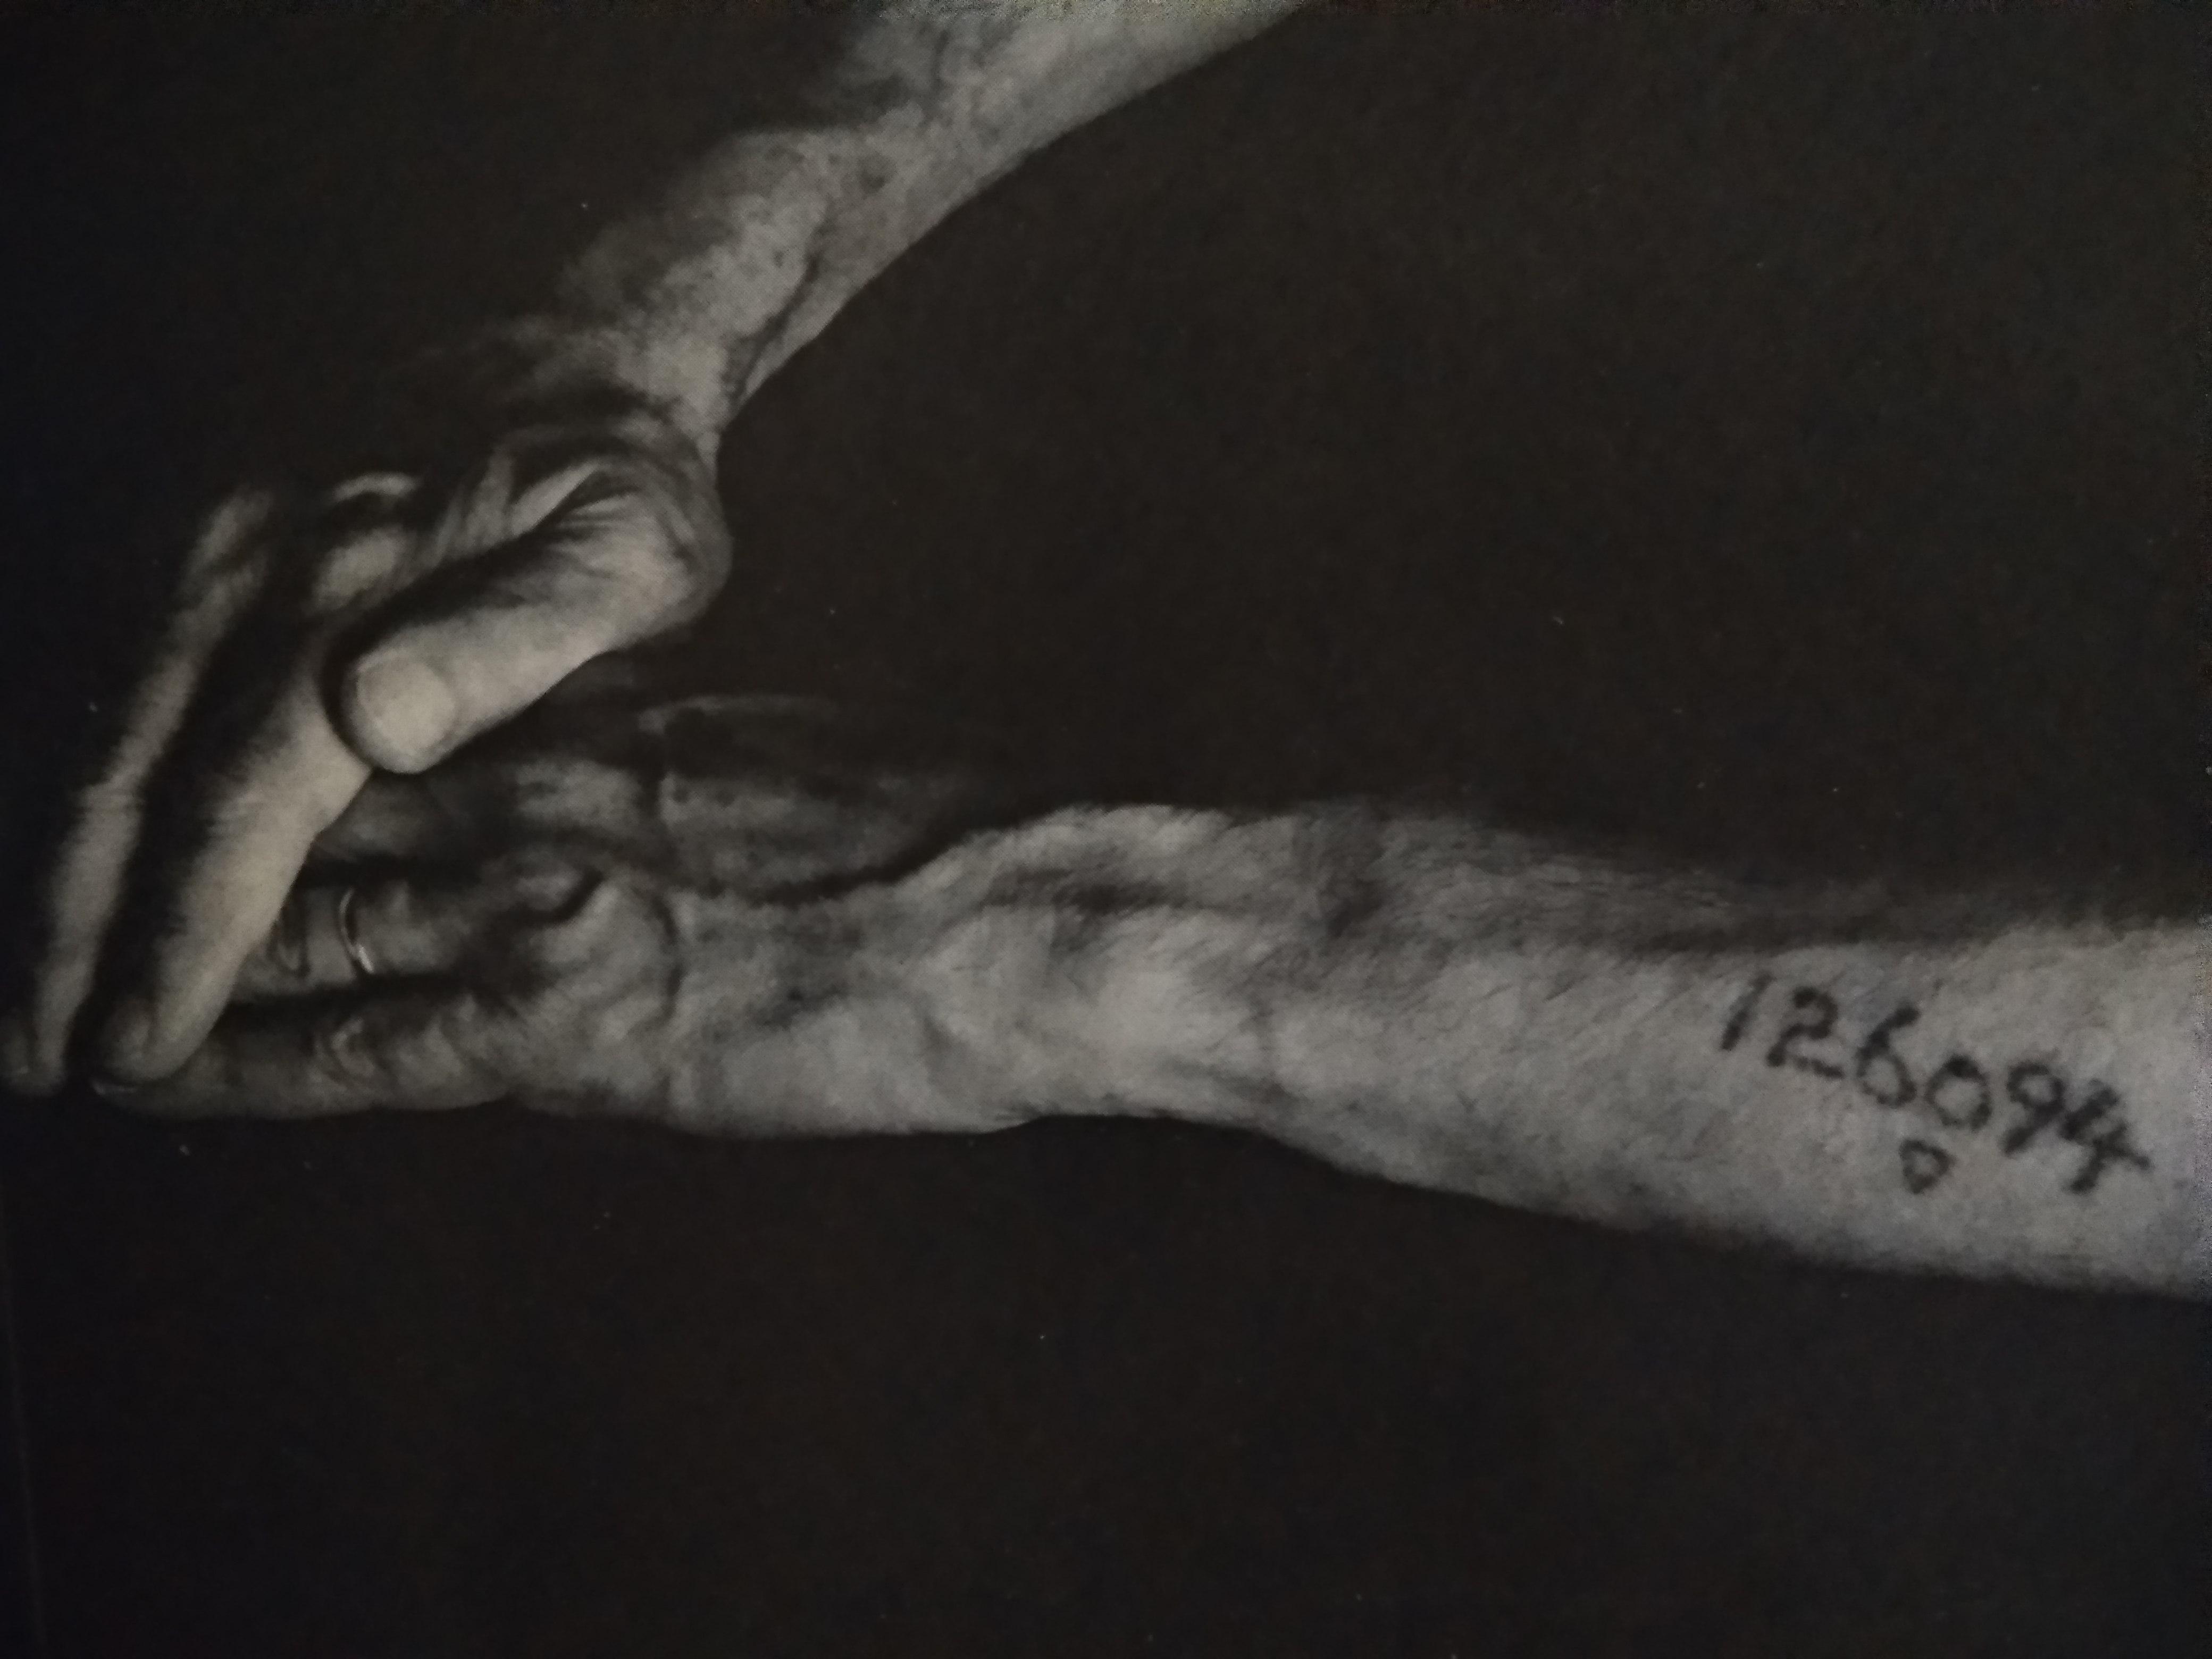 Gilles Cohen, από τη σειρά Τατουάζ αριθμών από το στρατόπεδο Άουσβιτς-Μπιρκενάου, αρχές δεκαετίας 1990.